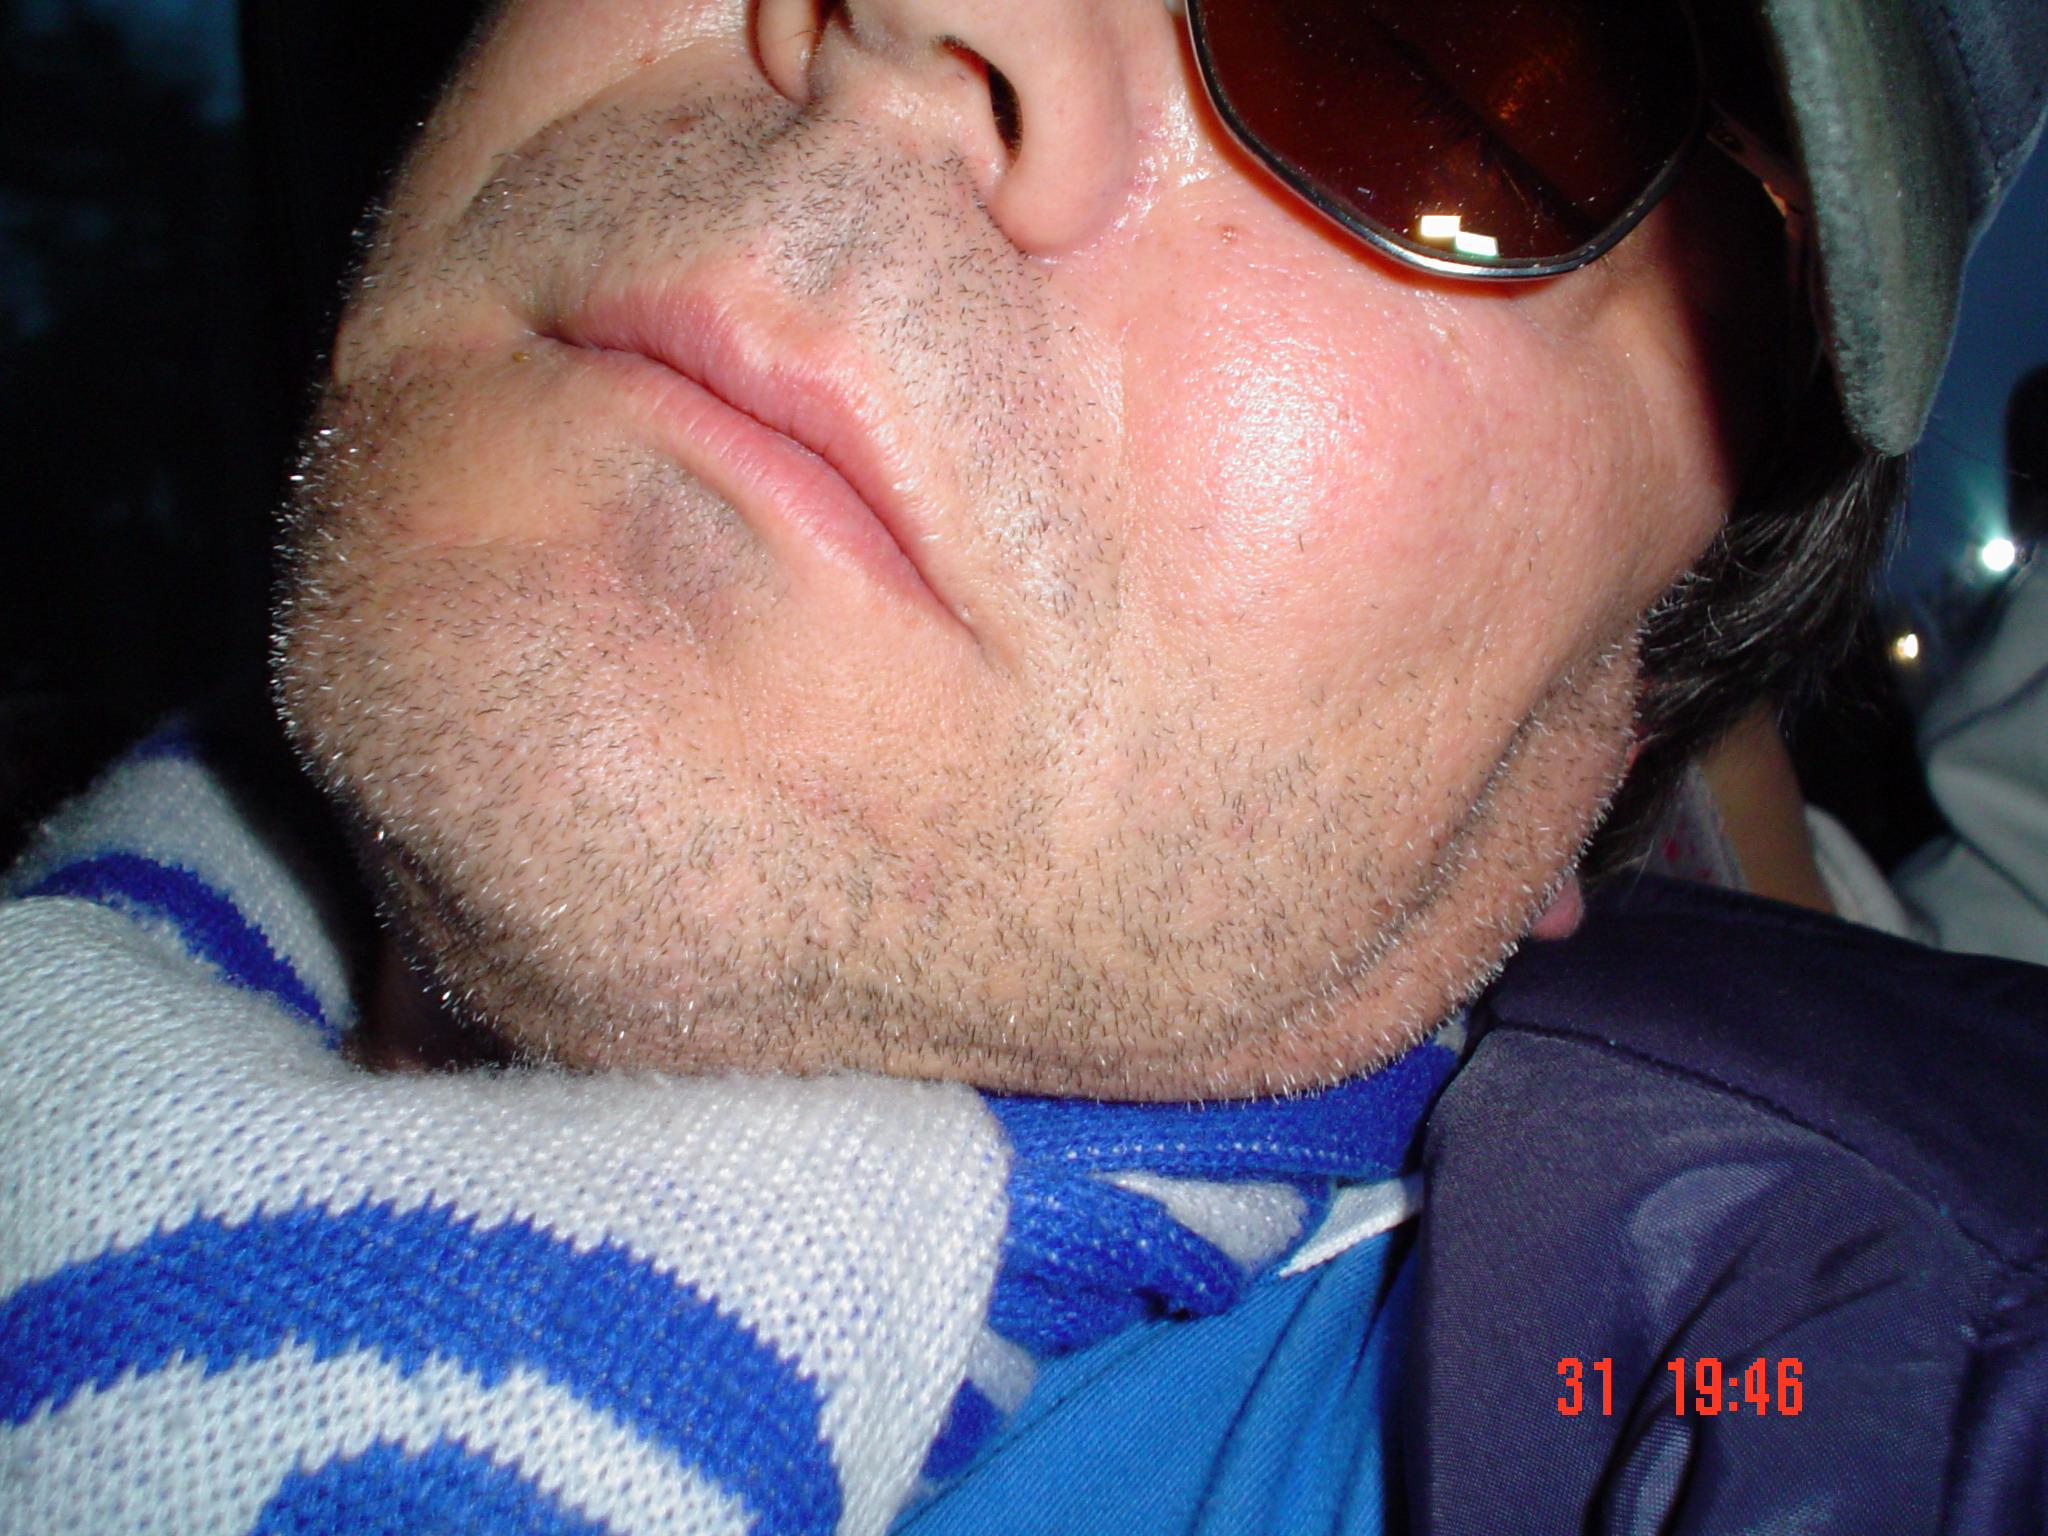 fcbso431.3.2007056